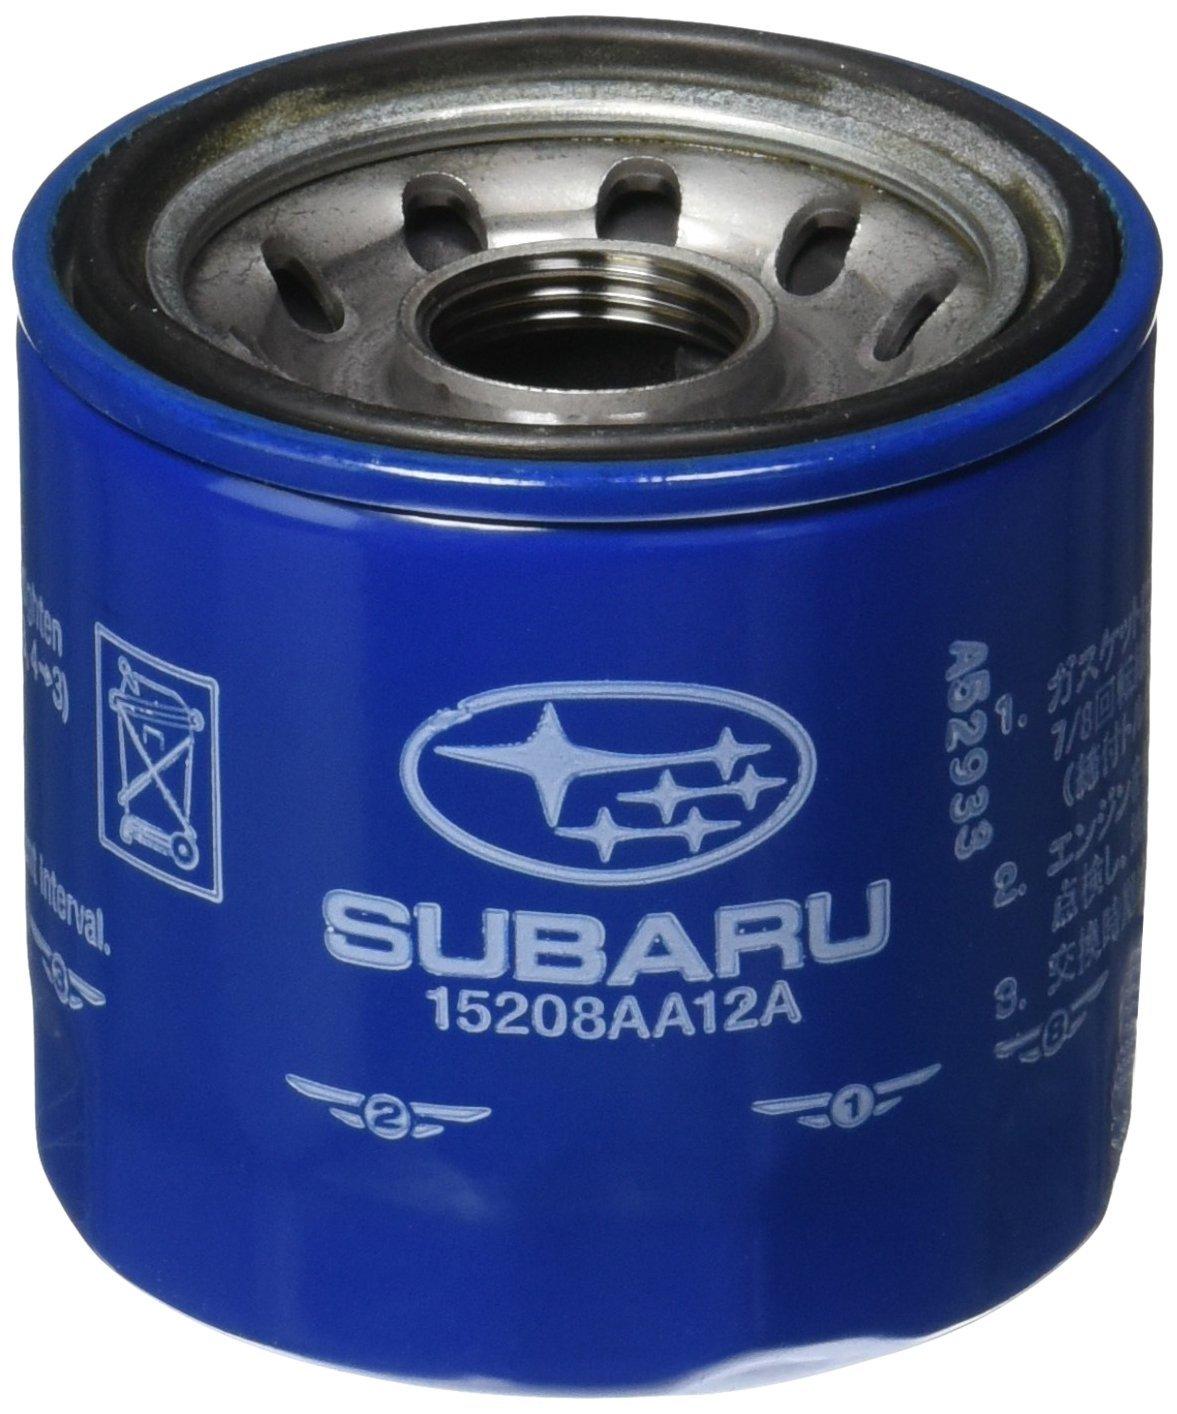 Genuine Subaru 15208AA12A Oil Filter, 1 Pack